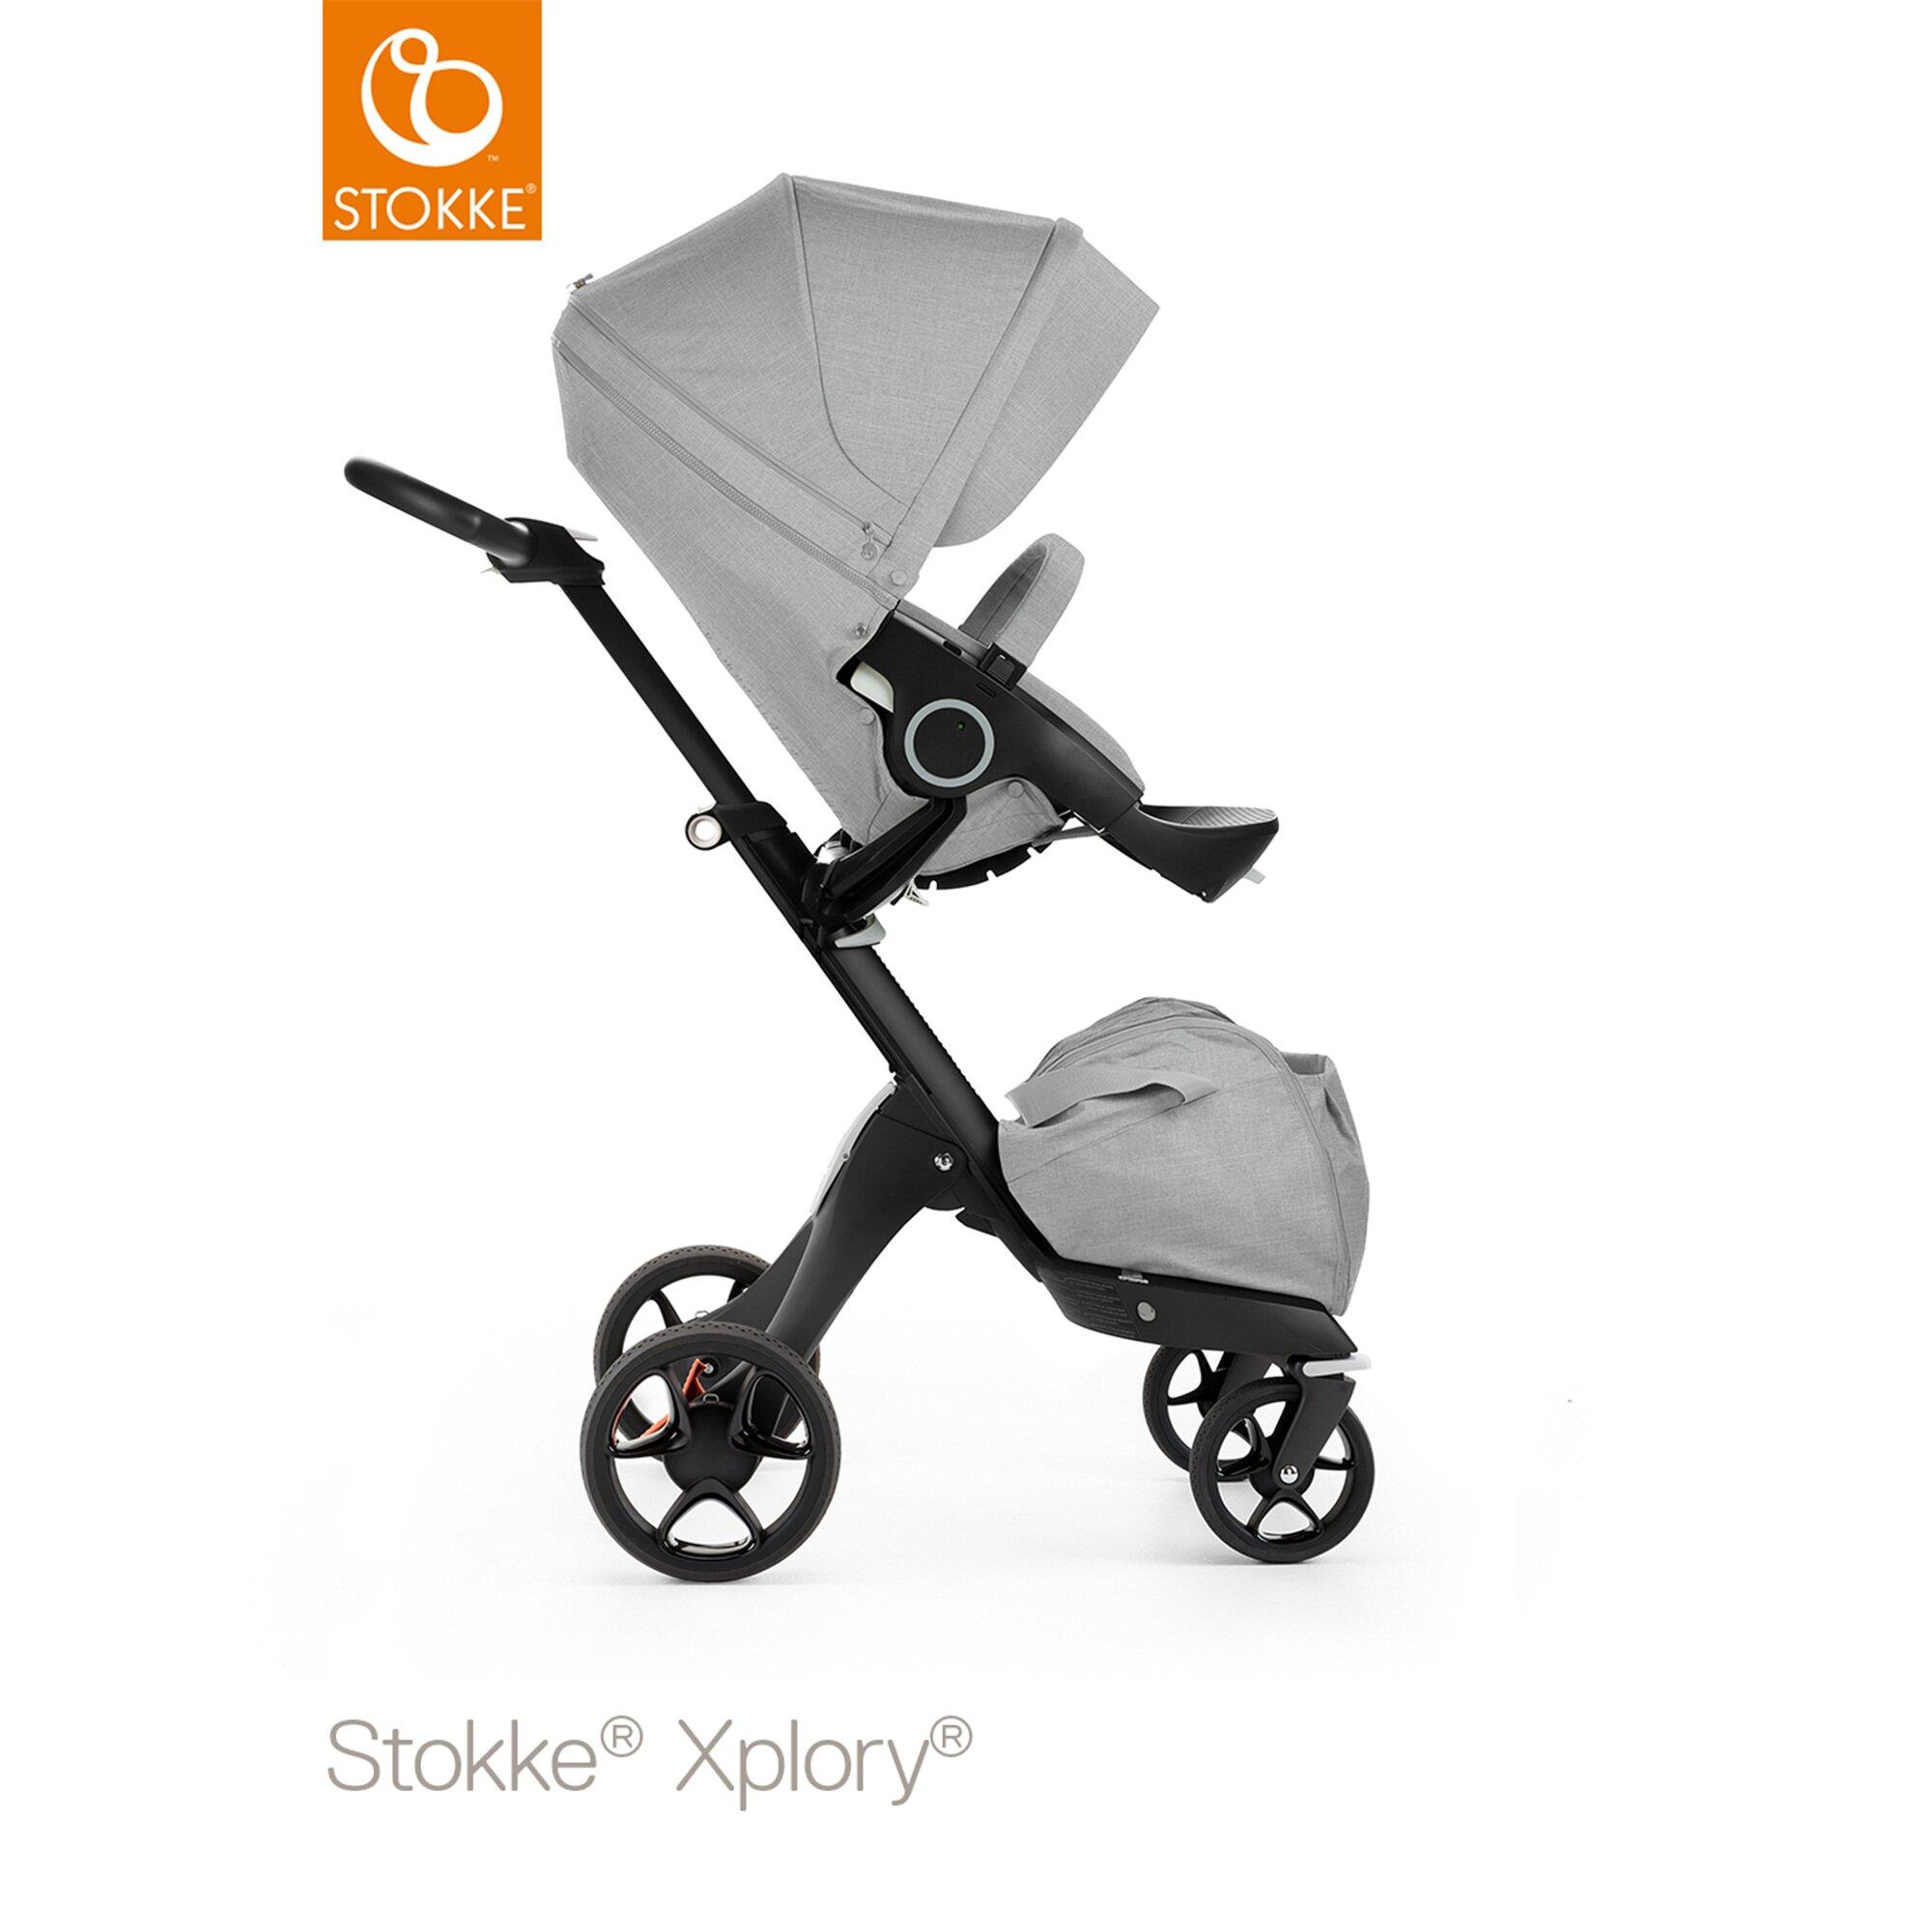 xplory-v5-kinderwagen-black-design-2017-mit-sonnenschirm-und-getrankehalter-grau